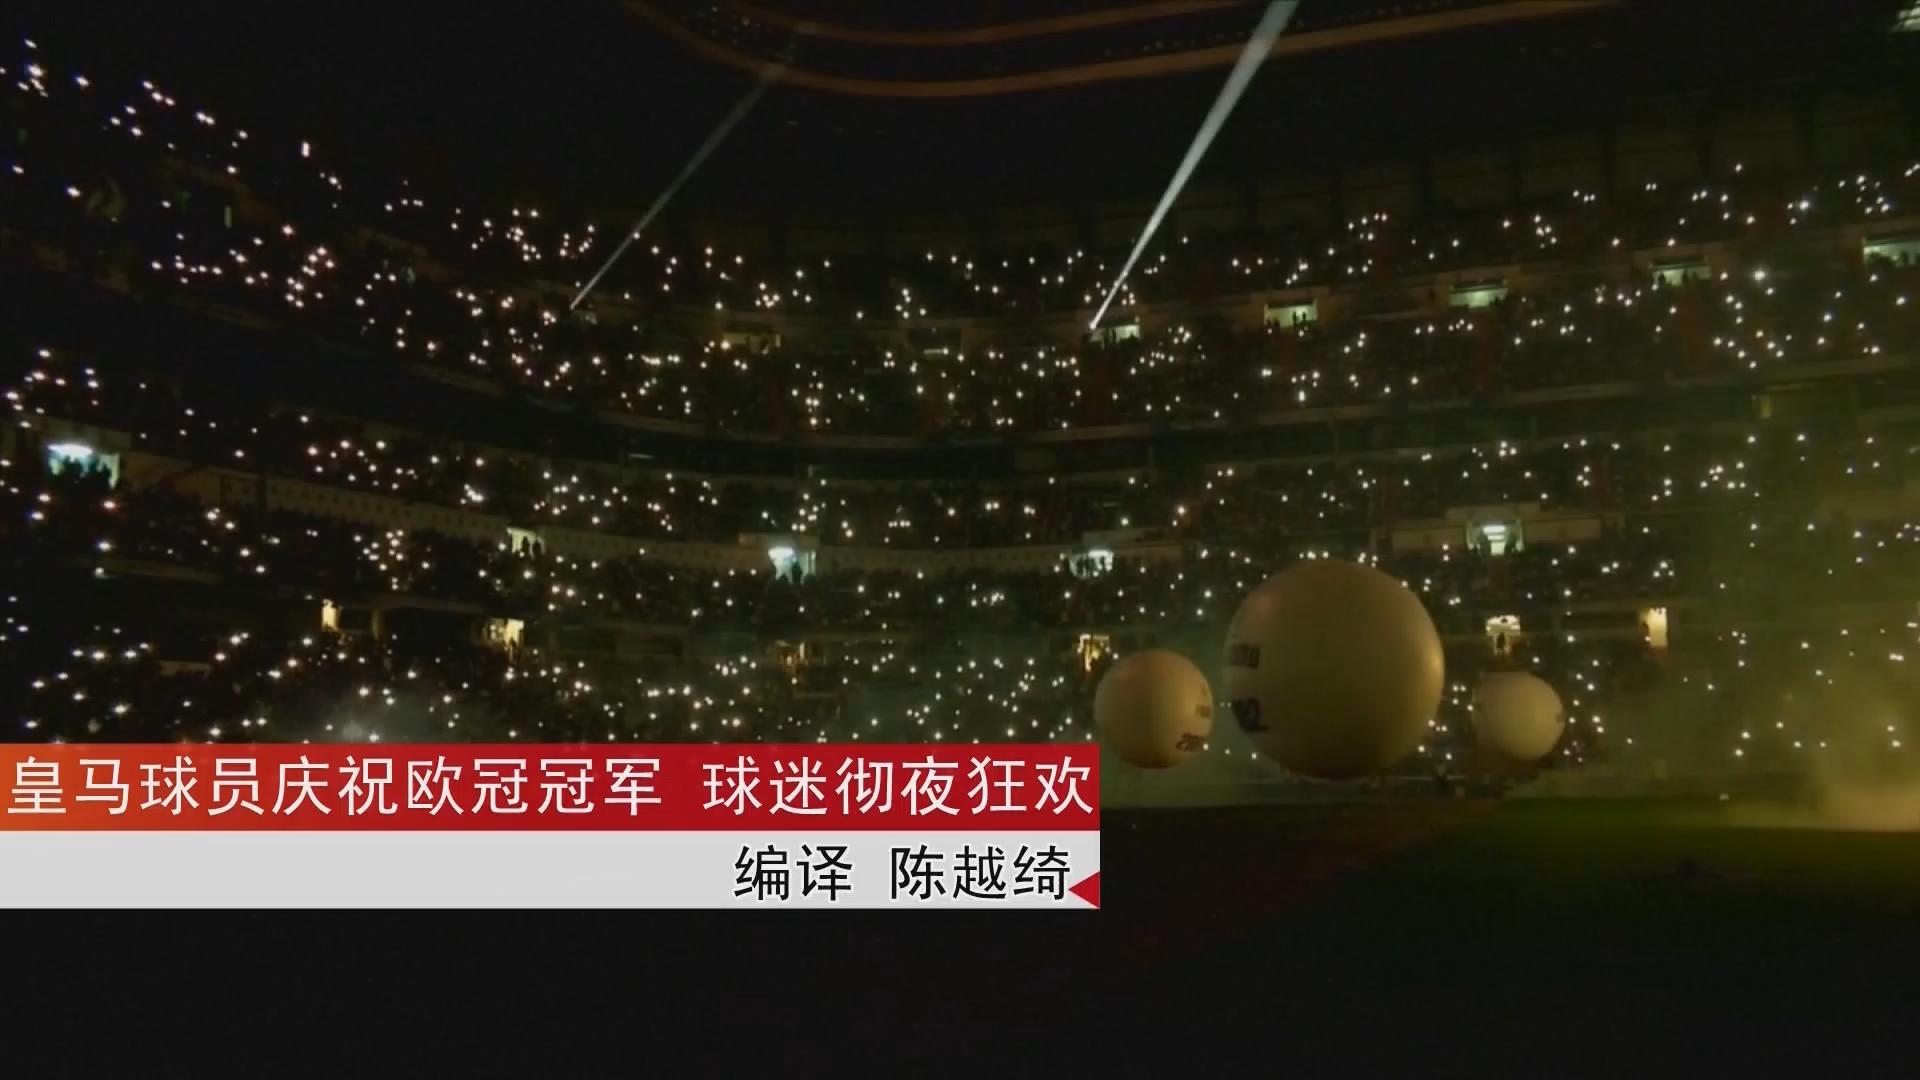 组图-皇马举办欧冠夺冠庆典 迷你罗合影bbc图片